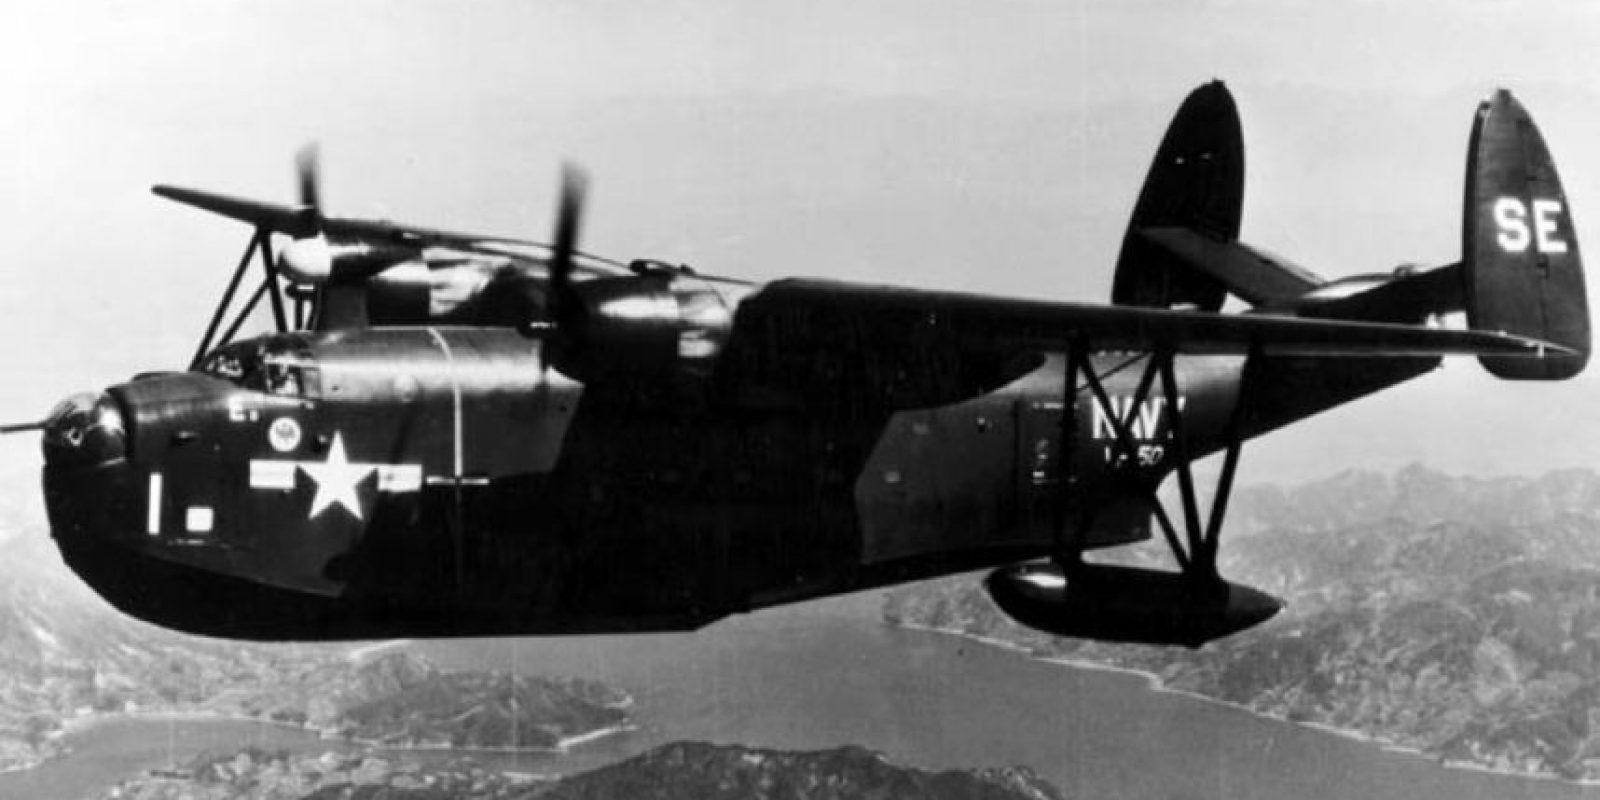 Cinco vuelos TBM Avenger desaparecieron. Horas más tarde un PBM Mariner, enviado como rescate, también lo hizo. Foto:Wikipedia.org